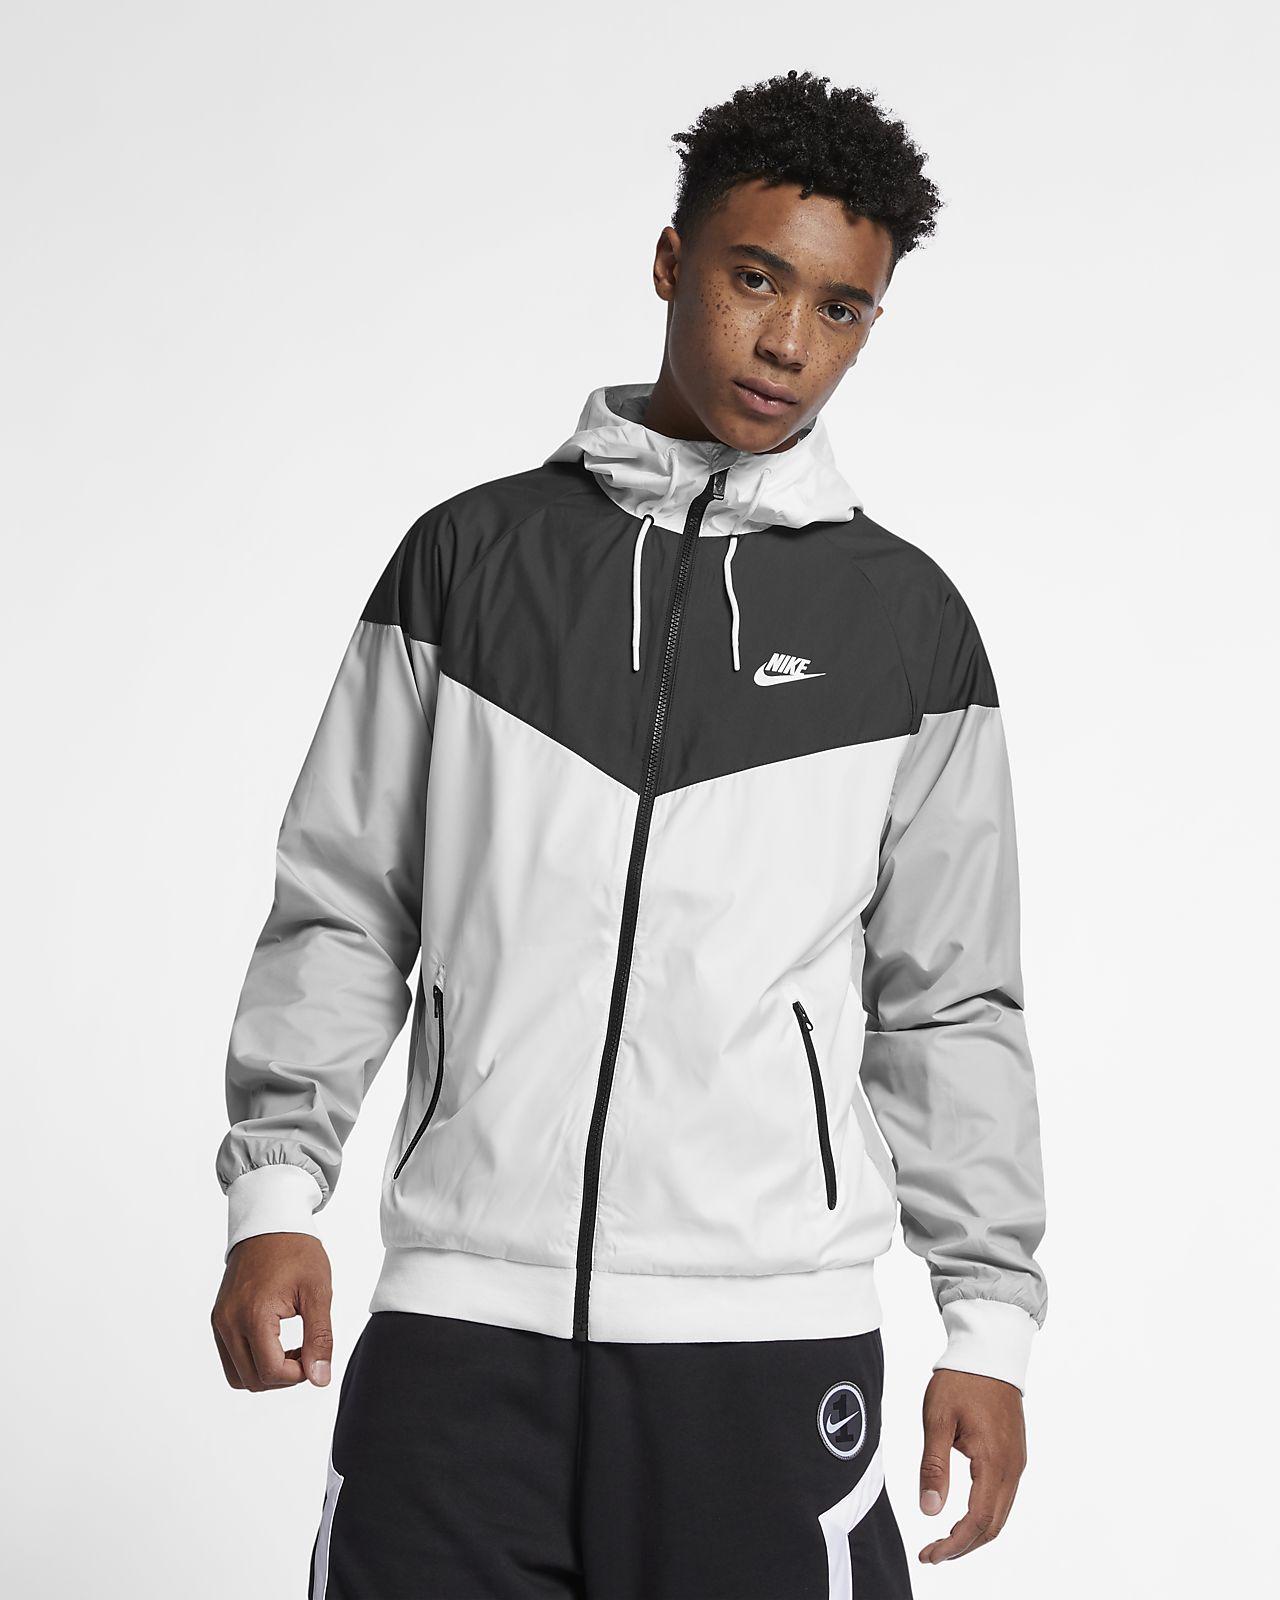 ffb4c1fcfdf69 Veste Nike Sportswear Windrunner pour Homme. Nike.com CA